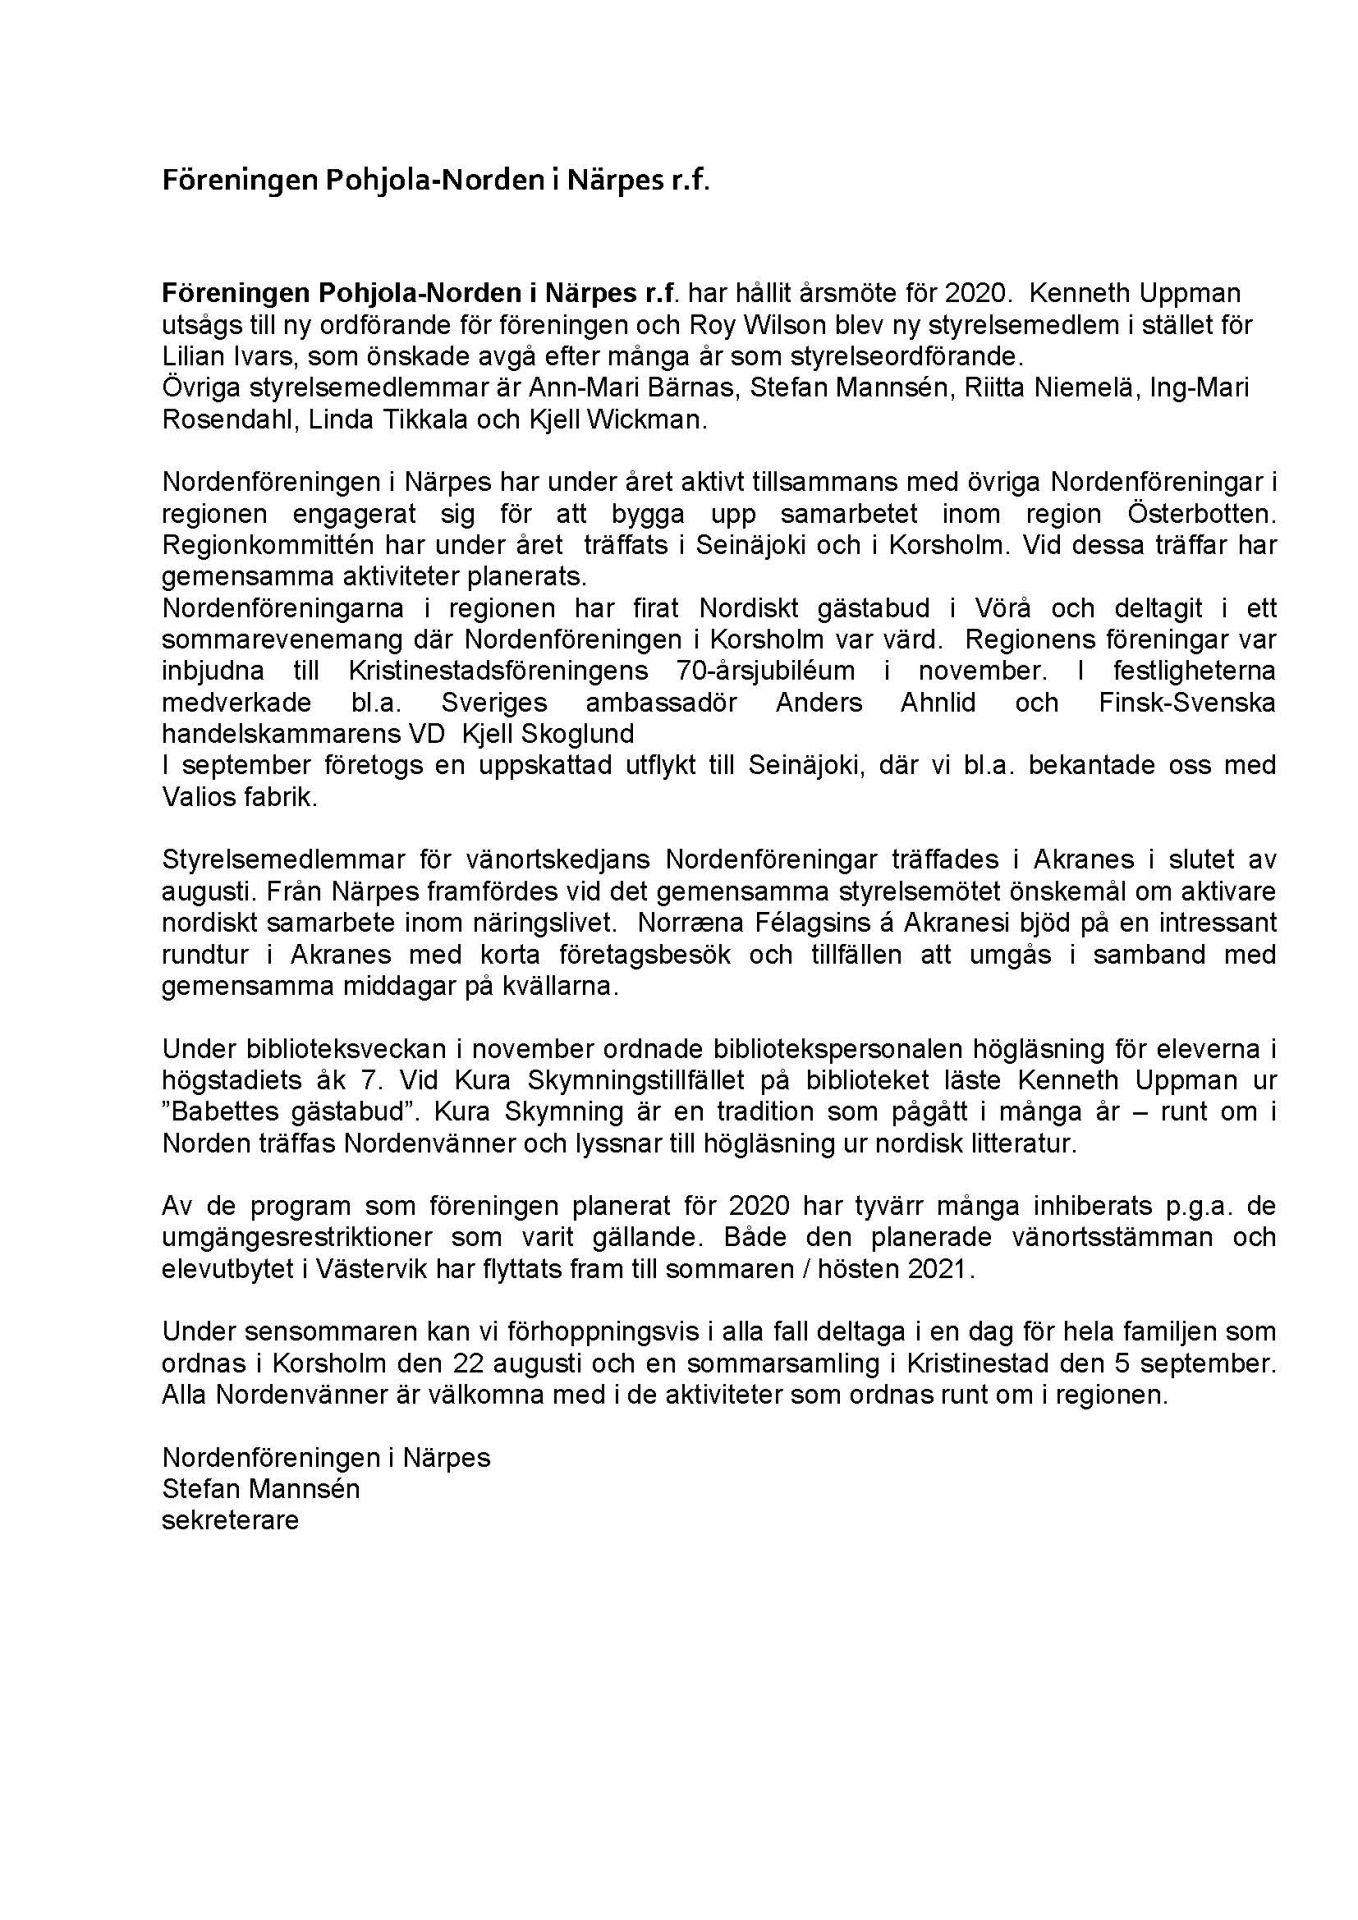 Nordenföreningen i Närpes, verksamhetsberättelse 2019.